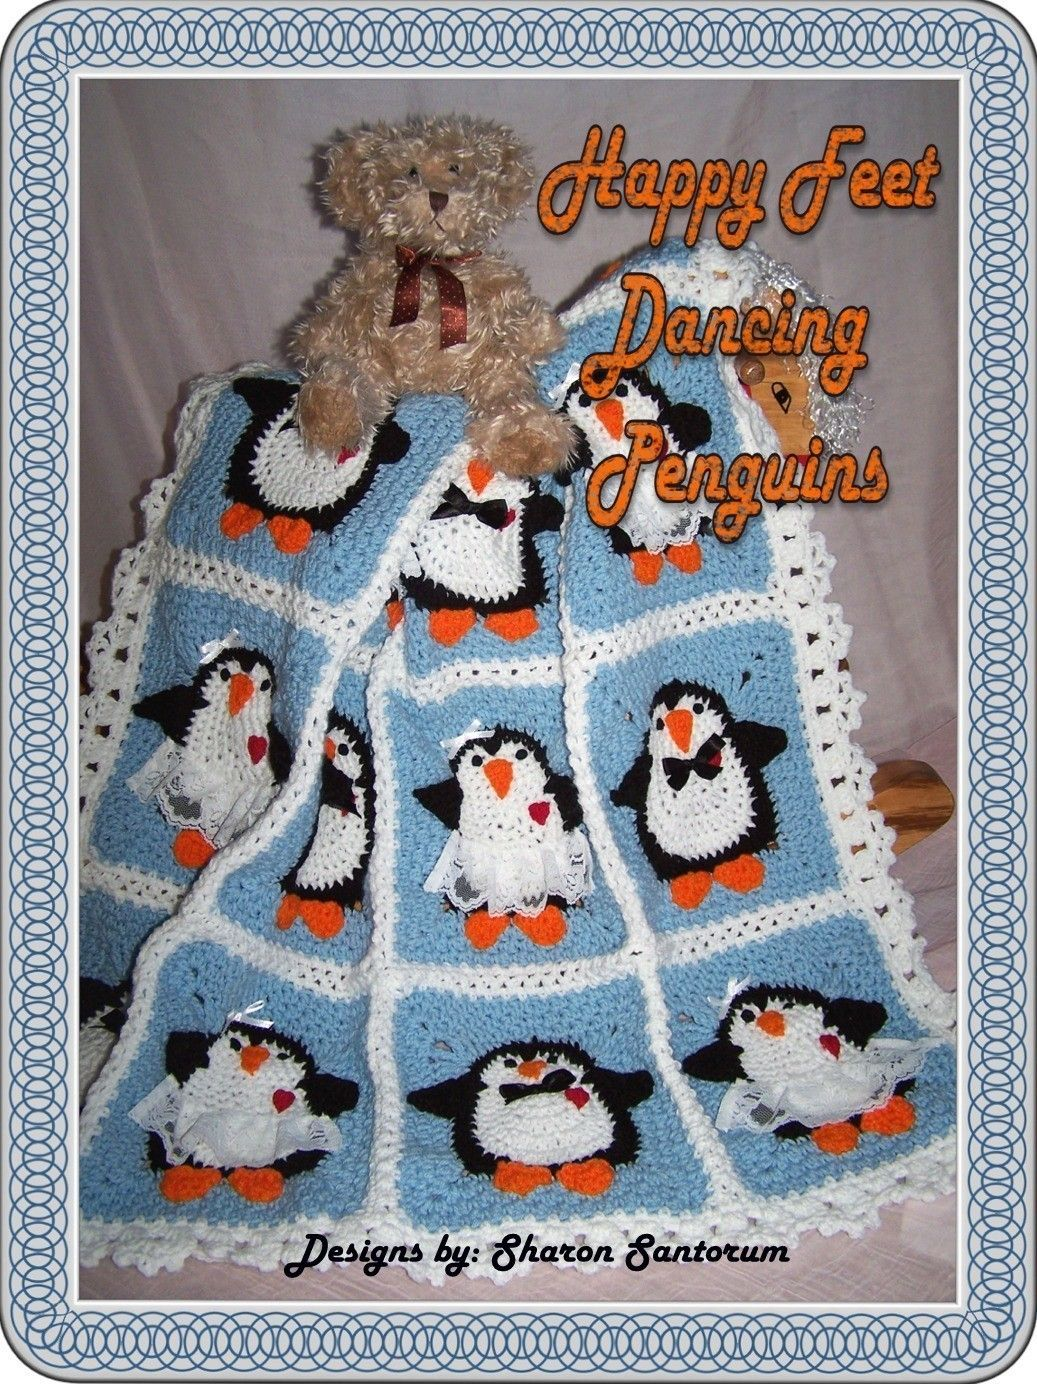 Dancing Penguins Crochet Baby Afghan Or Blanket Pattern